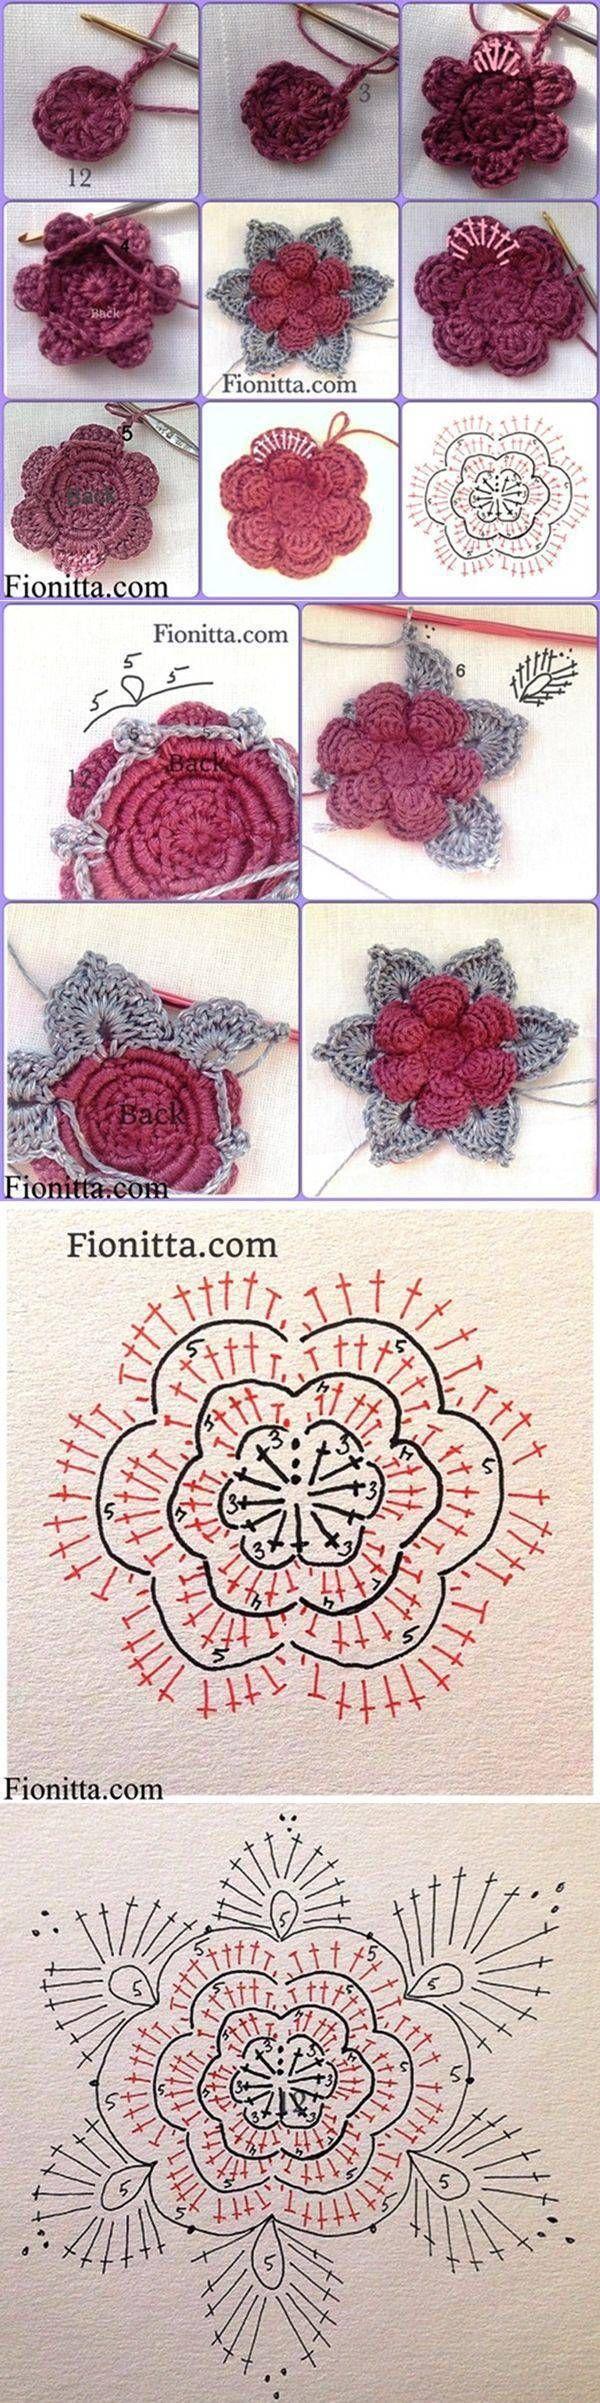 Resimli Çiçek Motifi Yapımı